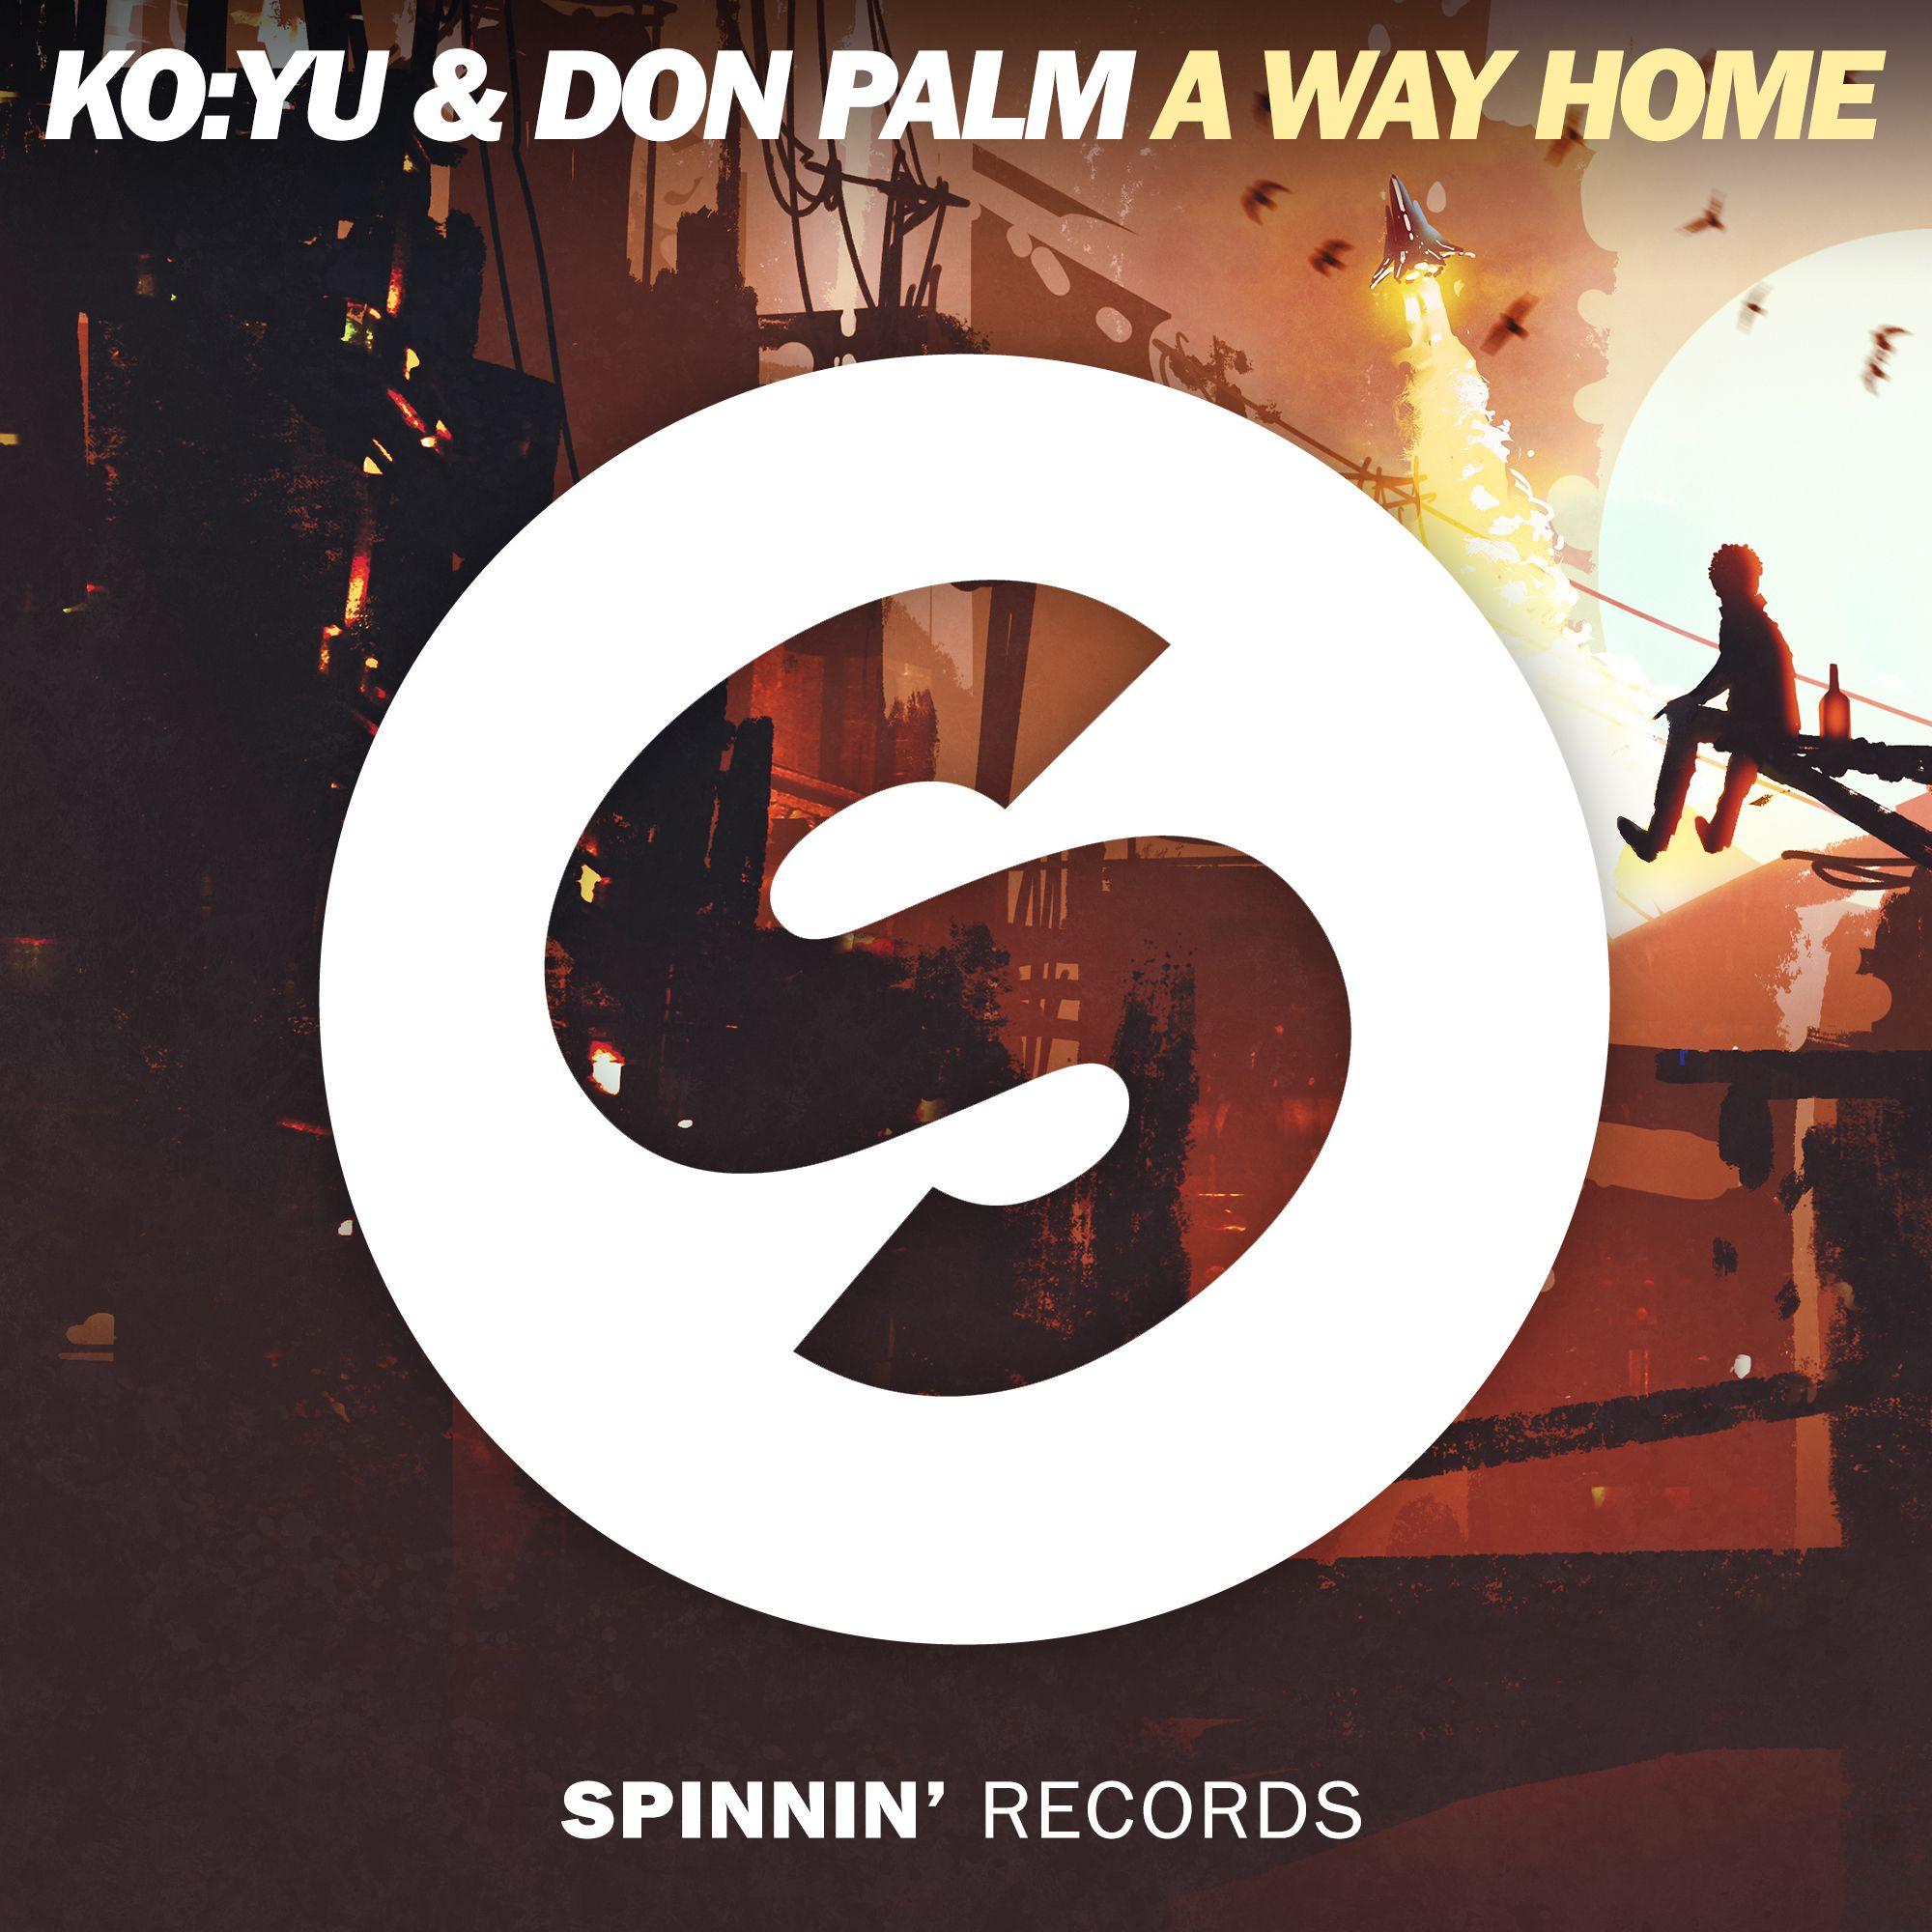 spinnin_koyu_don_palm_-_a_way_home.jpg